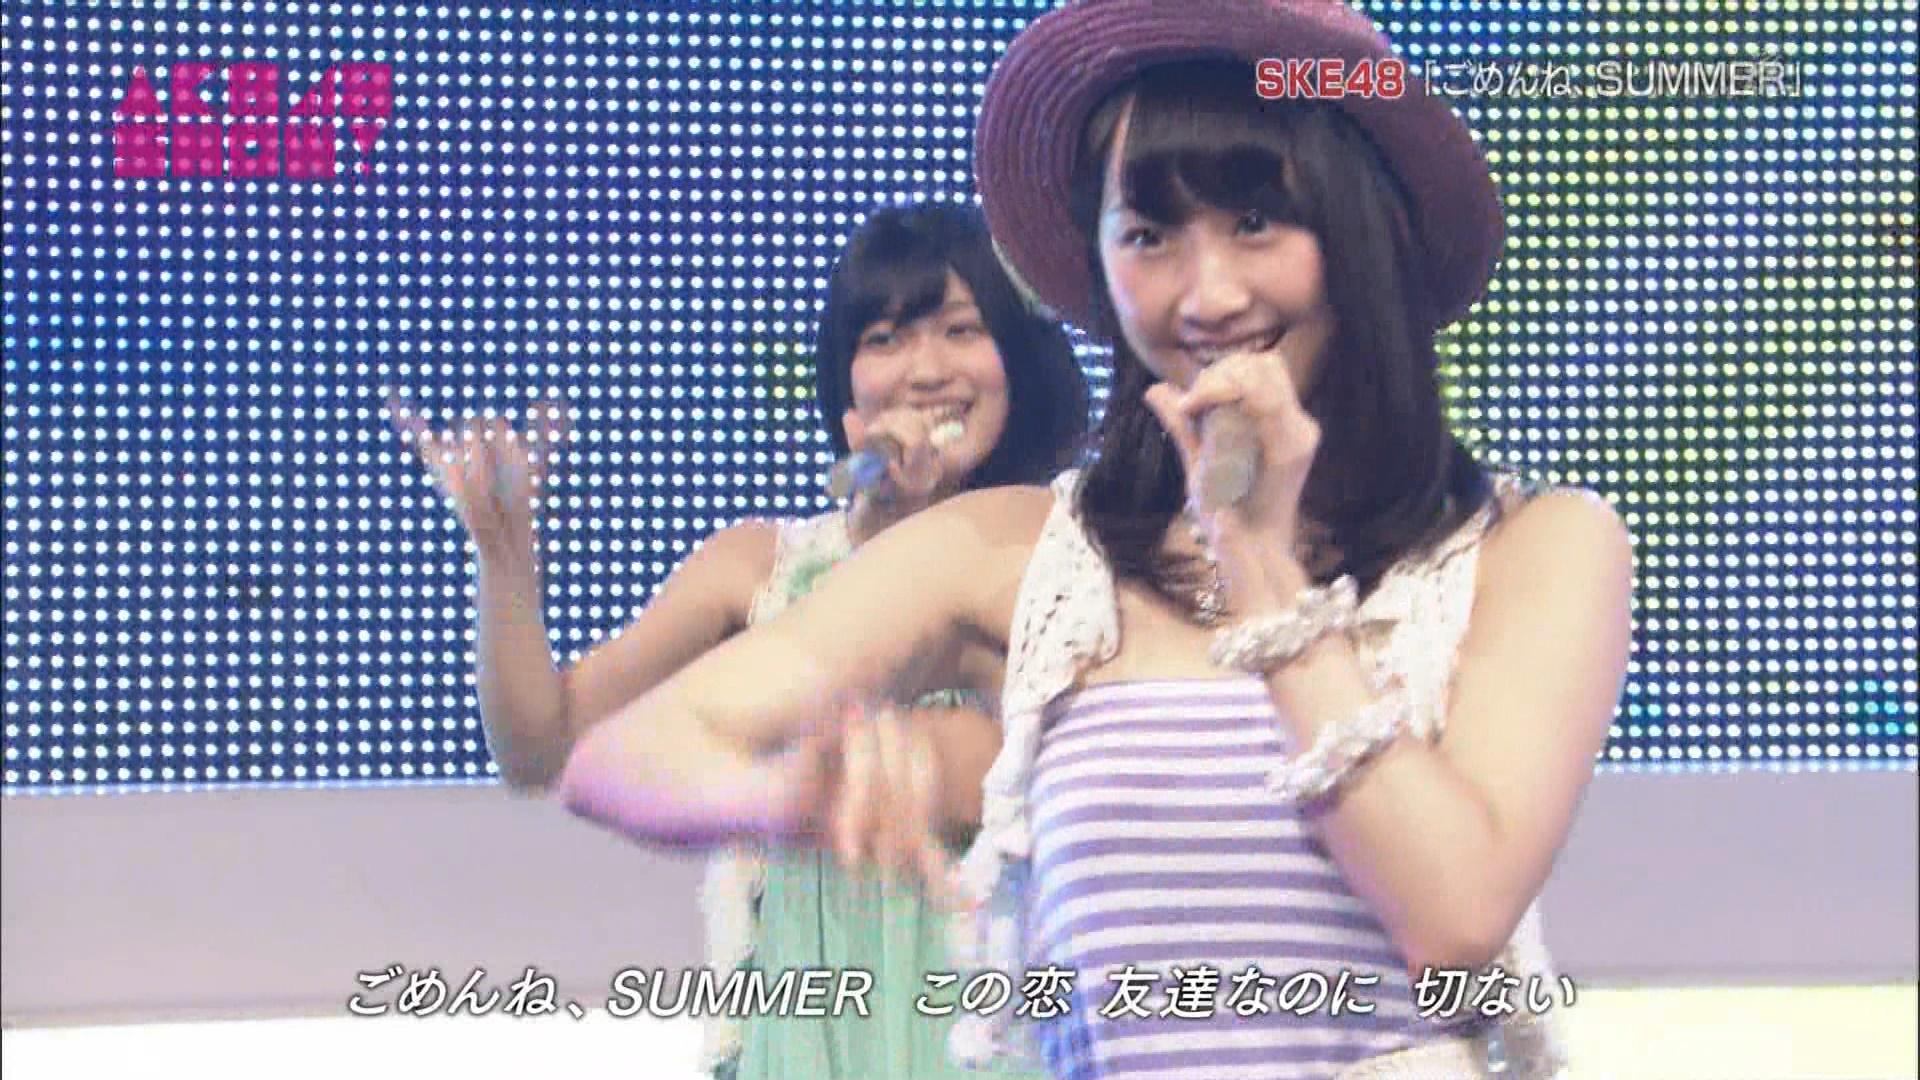 AKB48SHOW ごめんね、SUMMER 松井玲奈 20140830 (9)